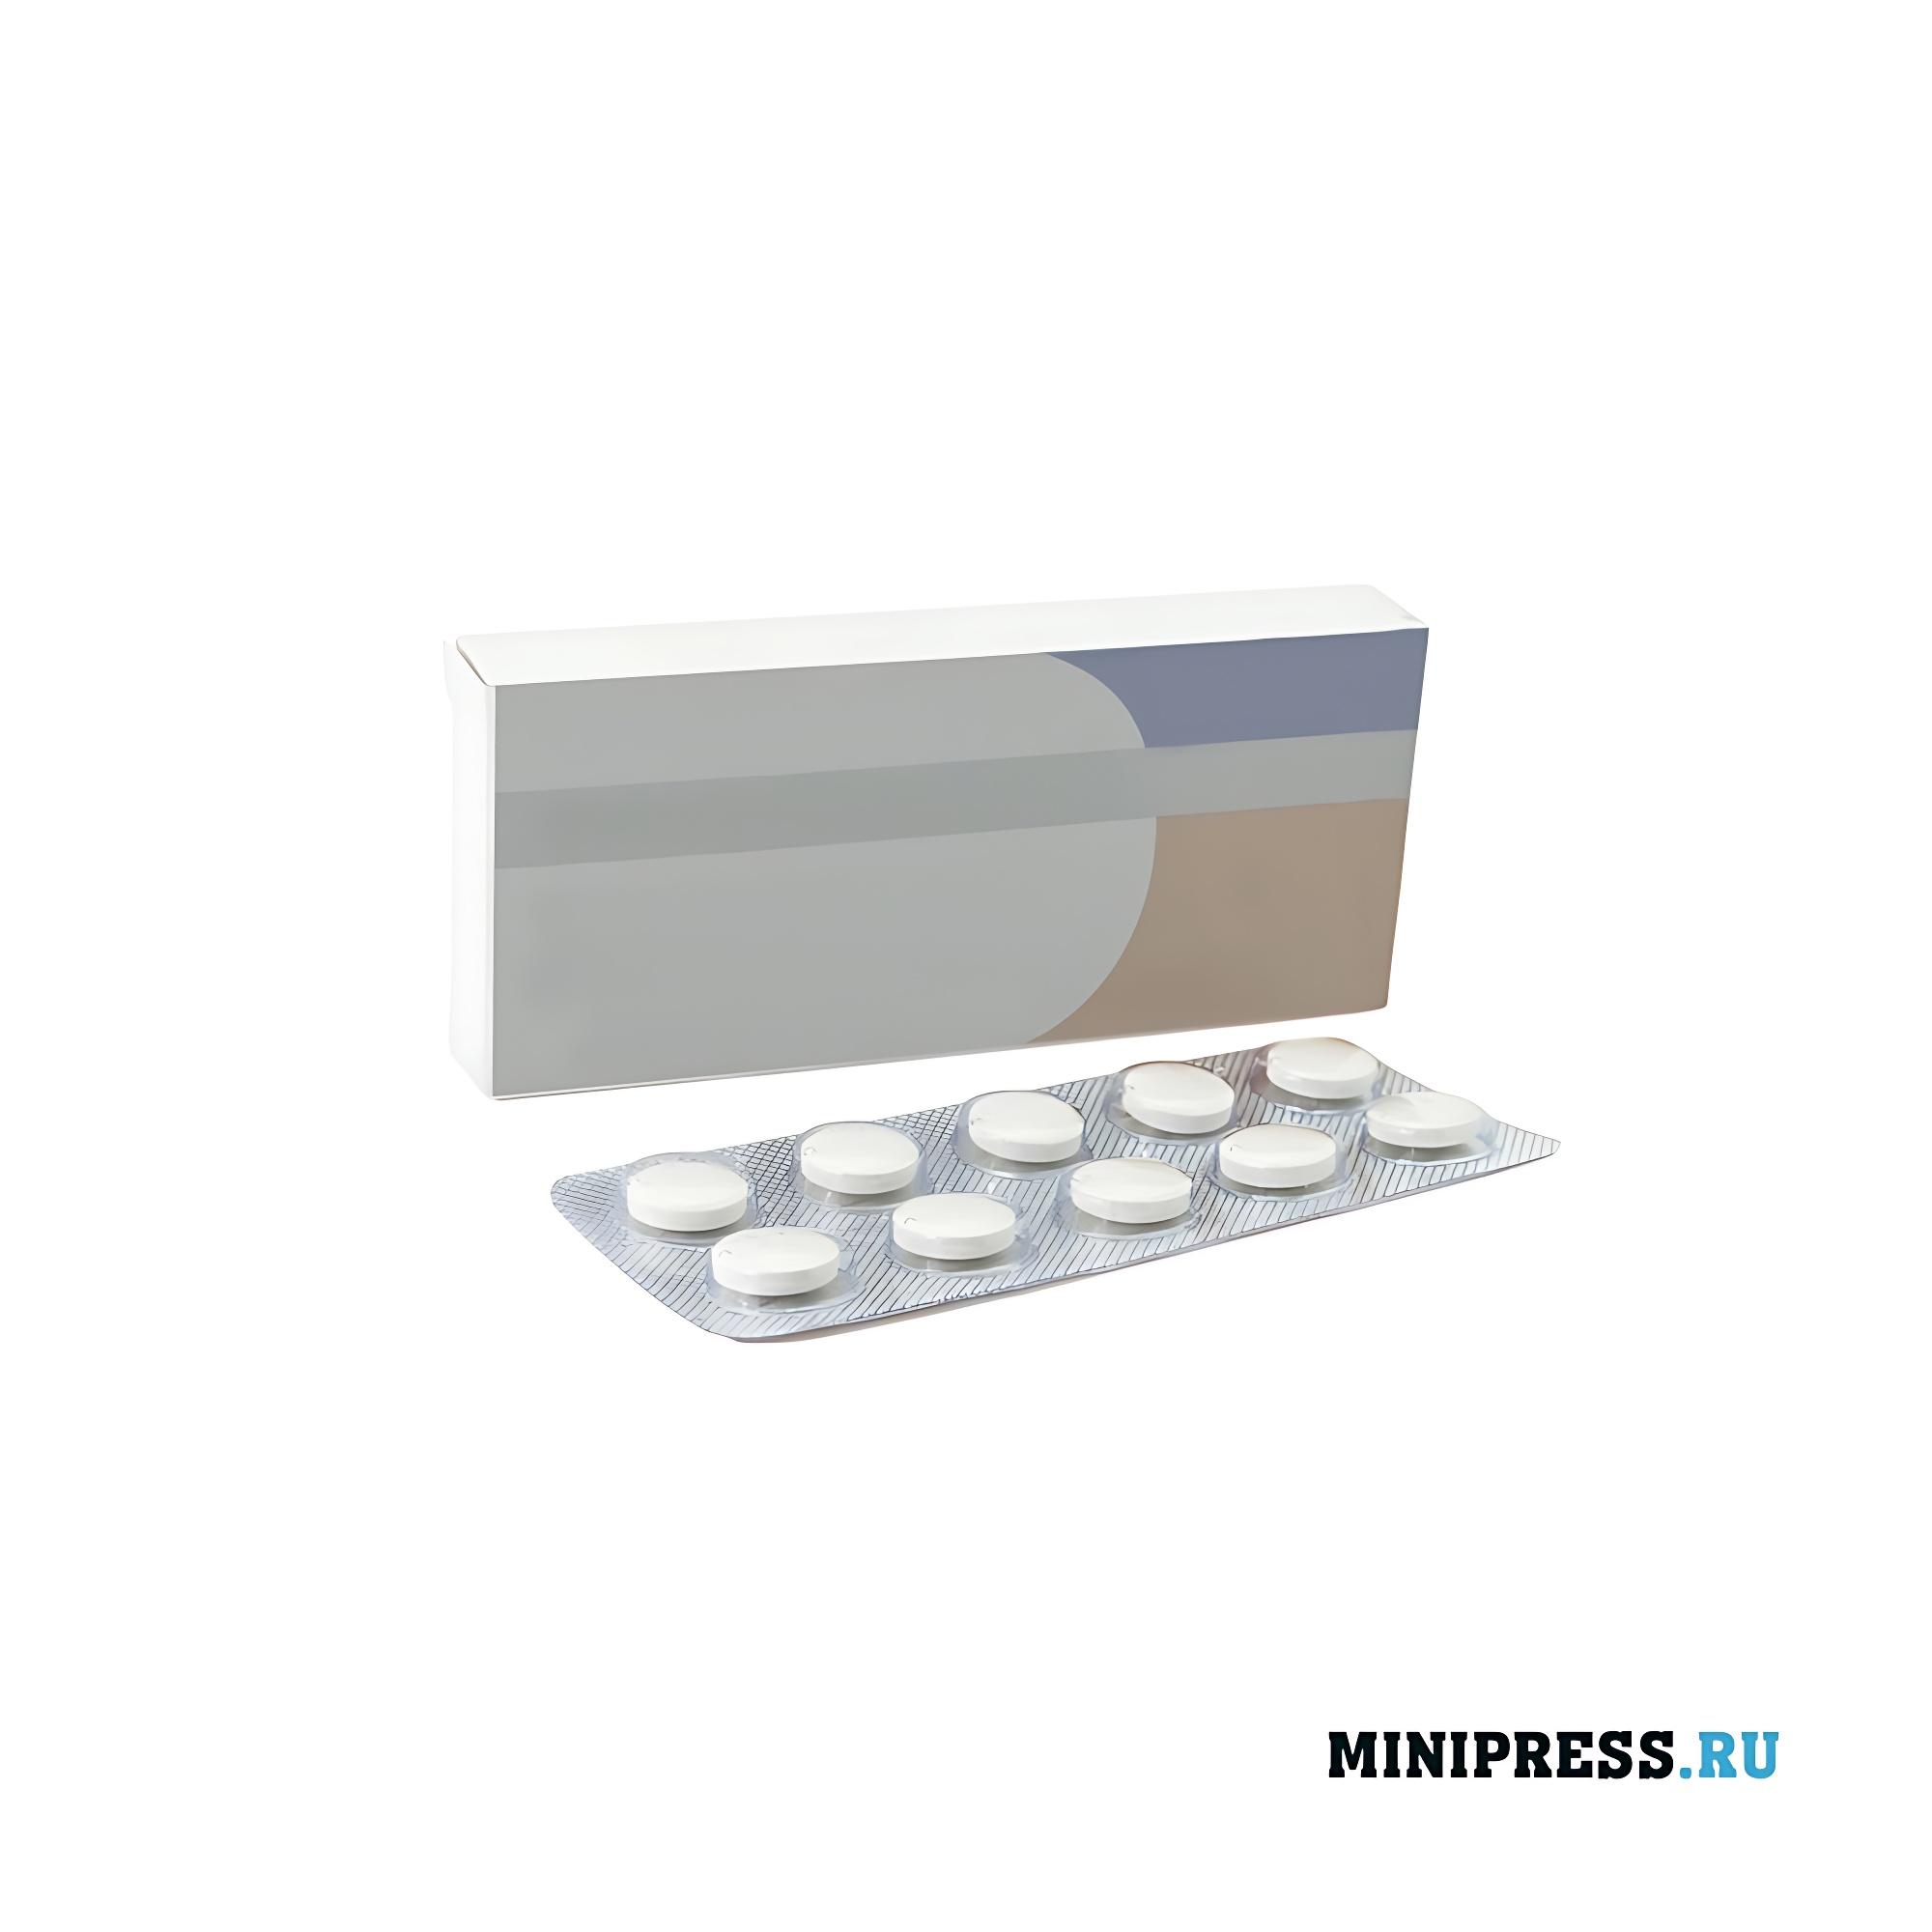 Автоматическая упаковка блистеров в коробку